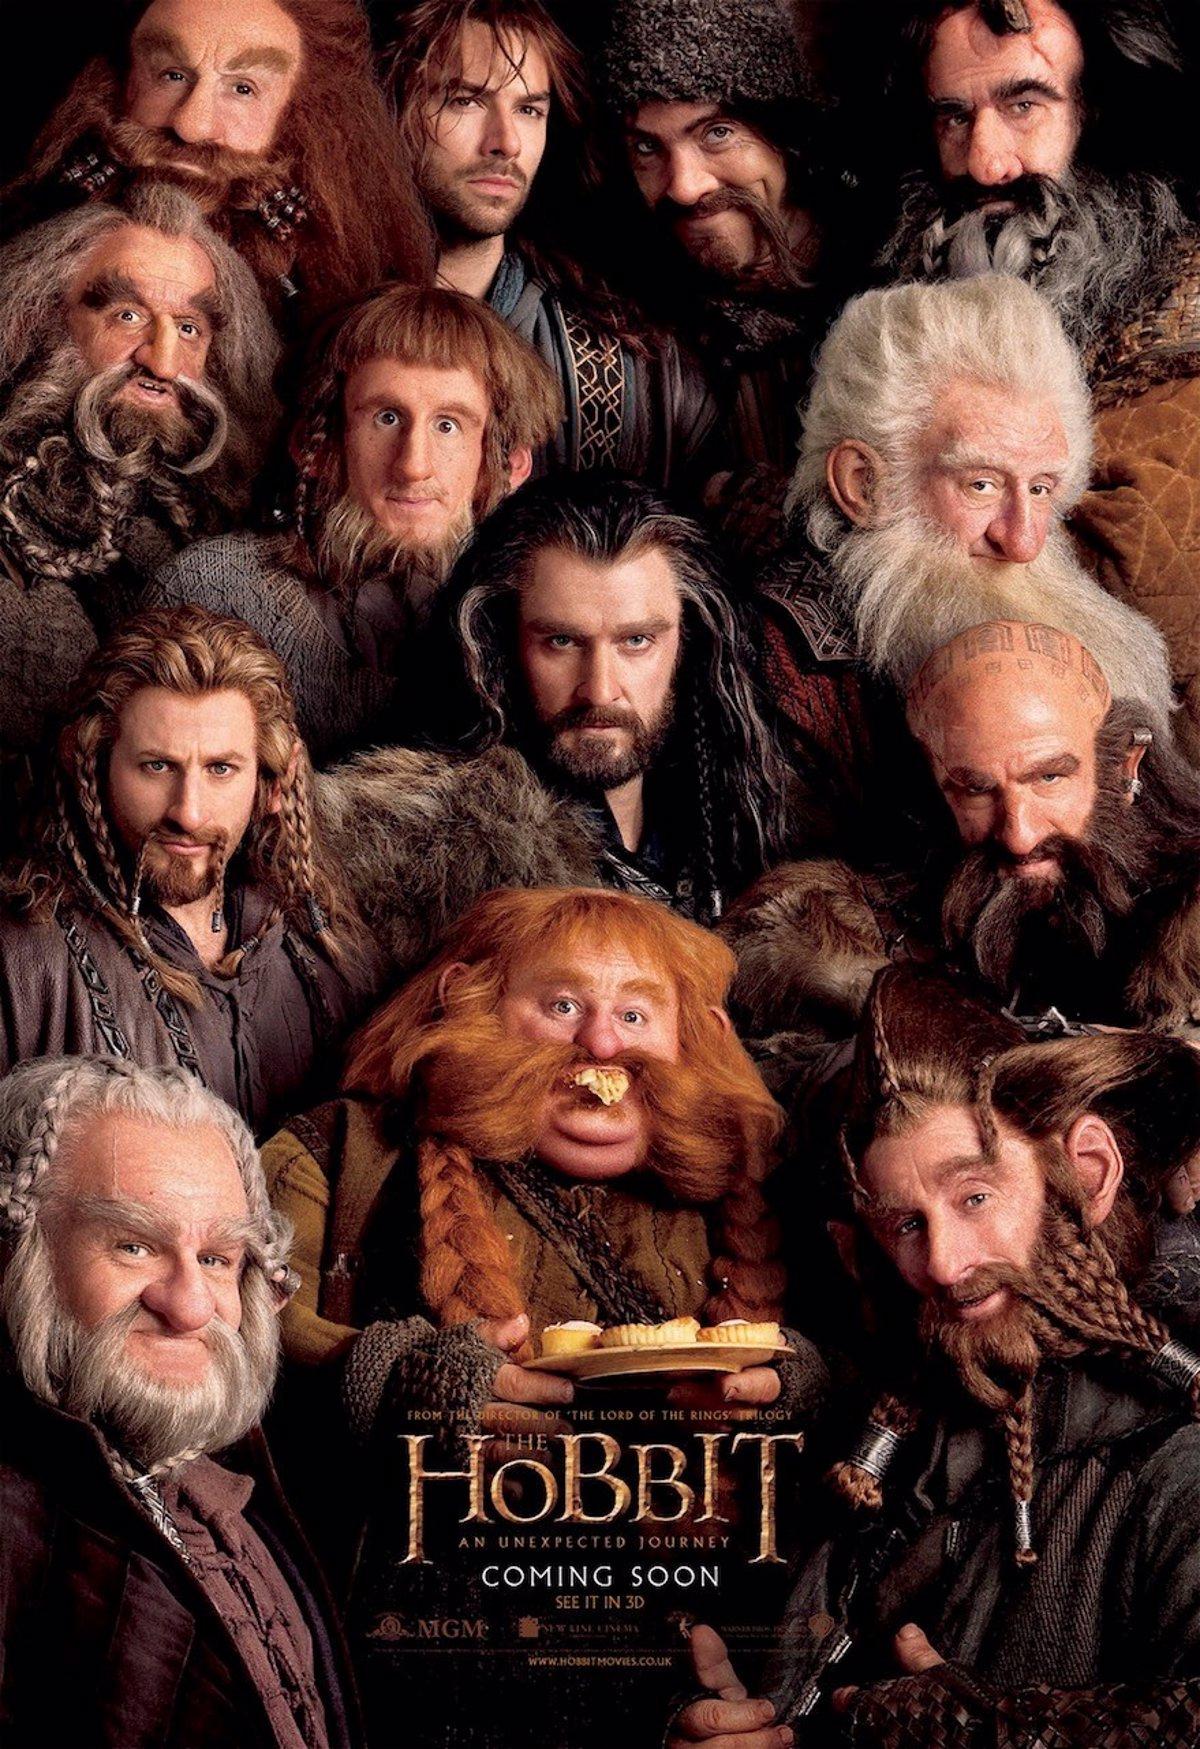 La Tropa De Enanos Al Completo En El Nuevo Cartel De El Hobbit Un Viaje Inesperado